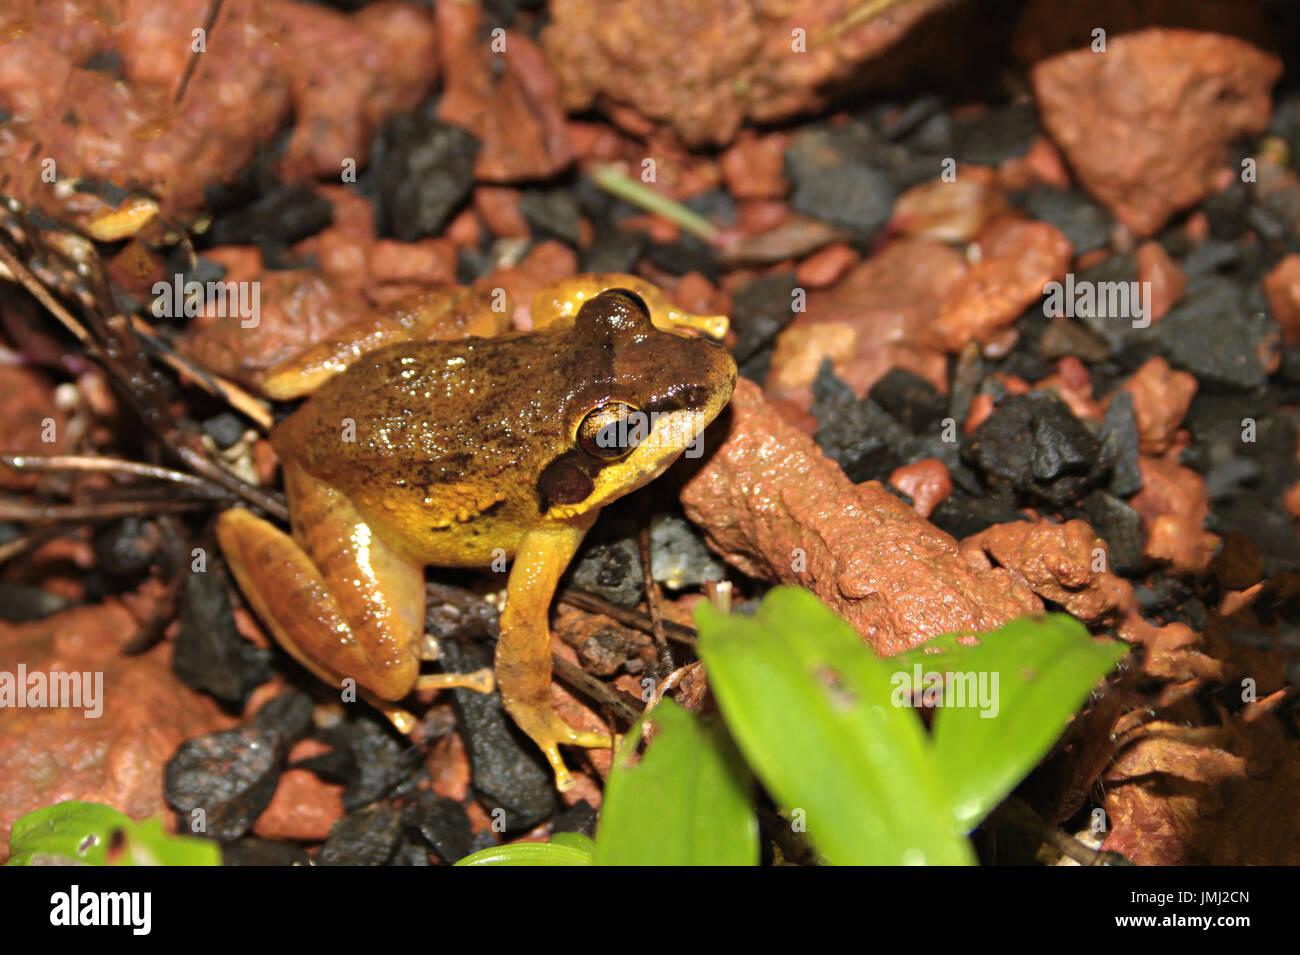 Amboli Leaping Frog - Stock Image